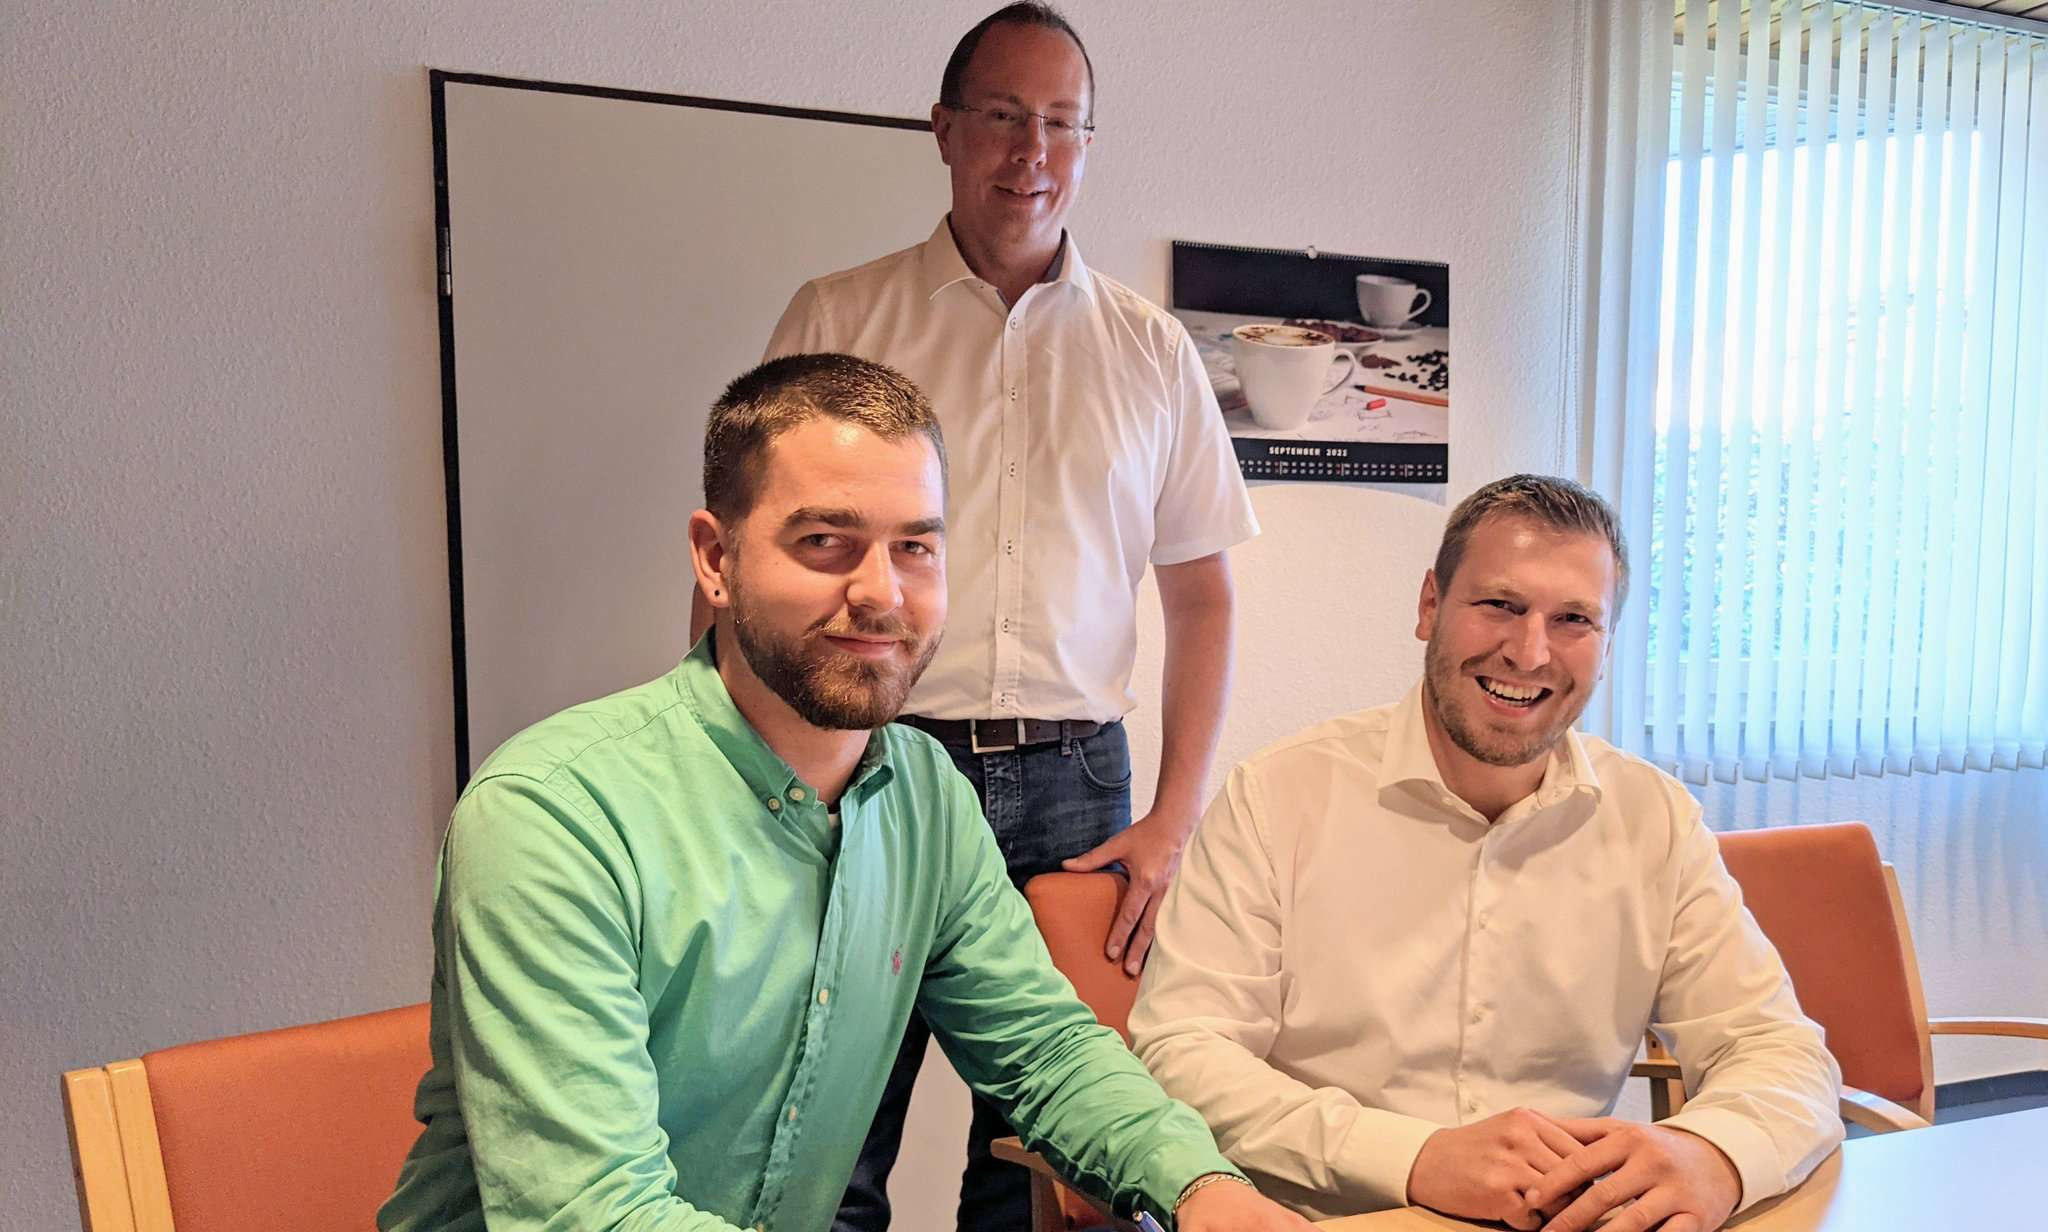 Vertragsunterzeichnung im Rathaus: Joost Meyer (l.), der neue Klimaschutzmanager in der Samtgemeinde Fintel, mit Bürgermeister Tobias Krüger (Mitte) und Bauamtsleiter Sven Maier. Foto: Warnecke